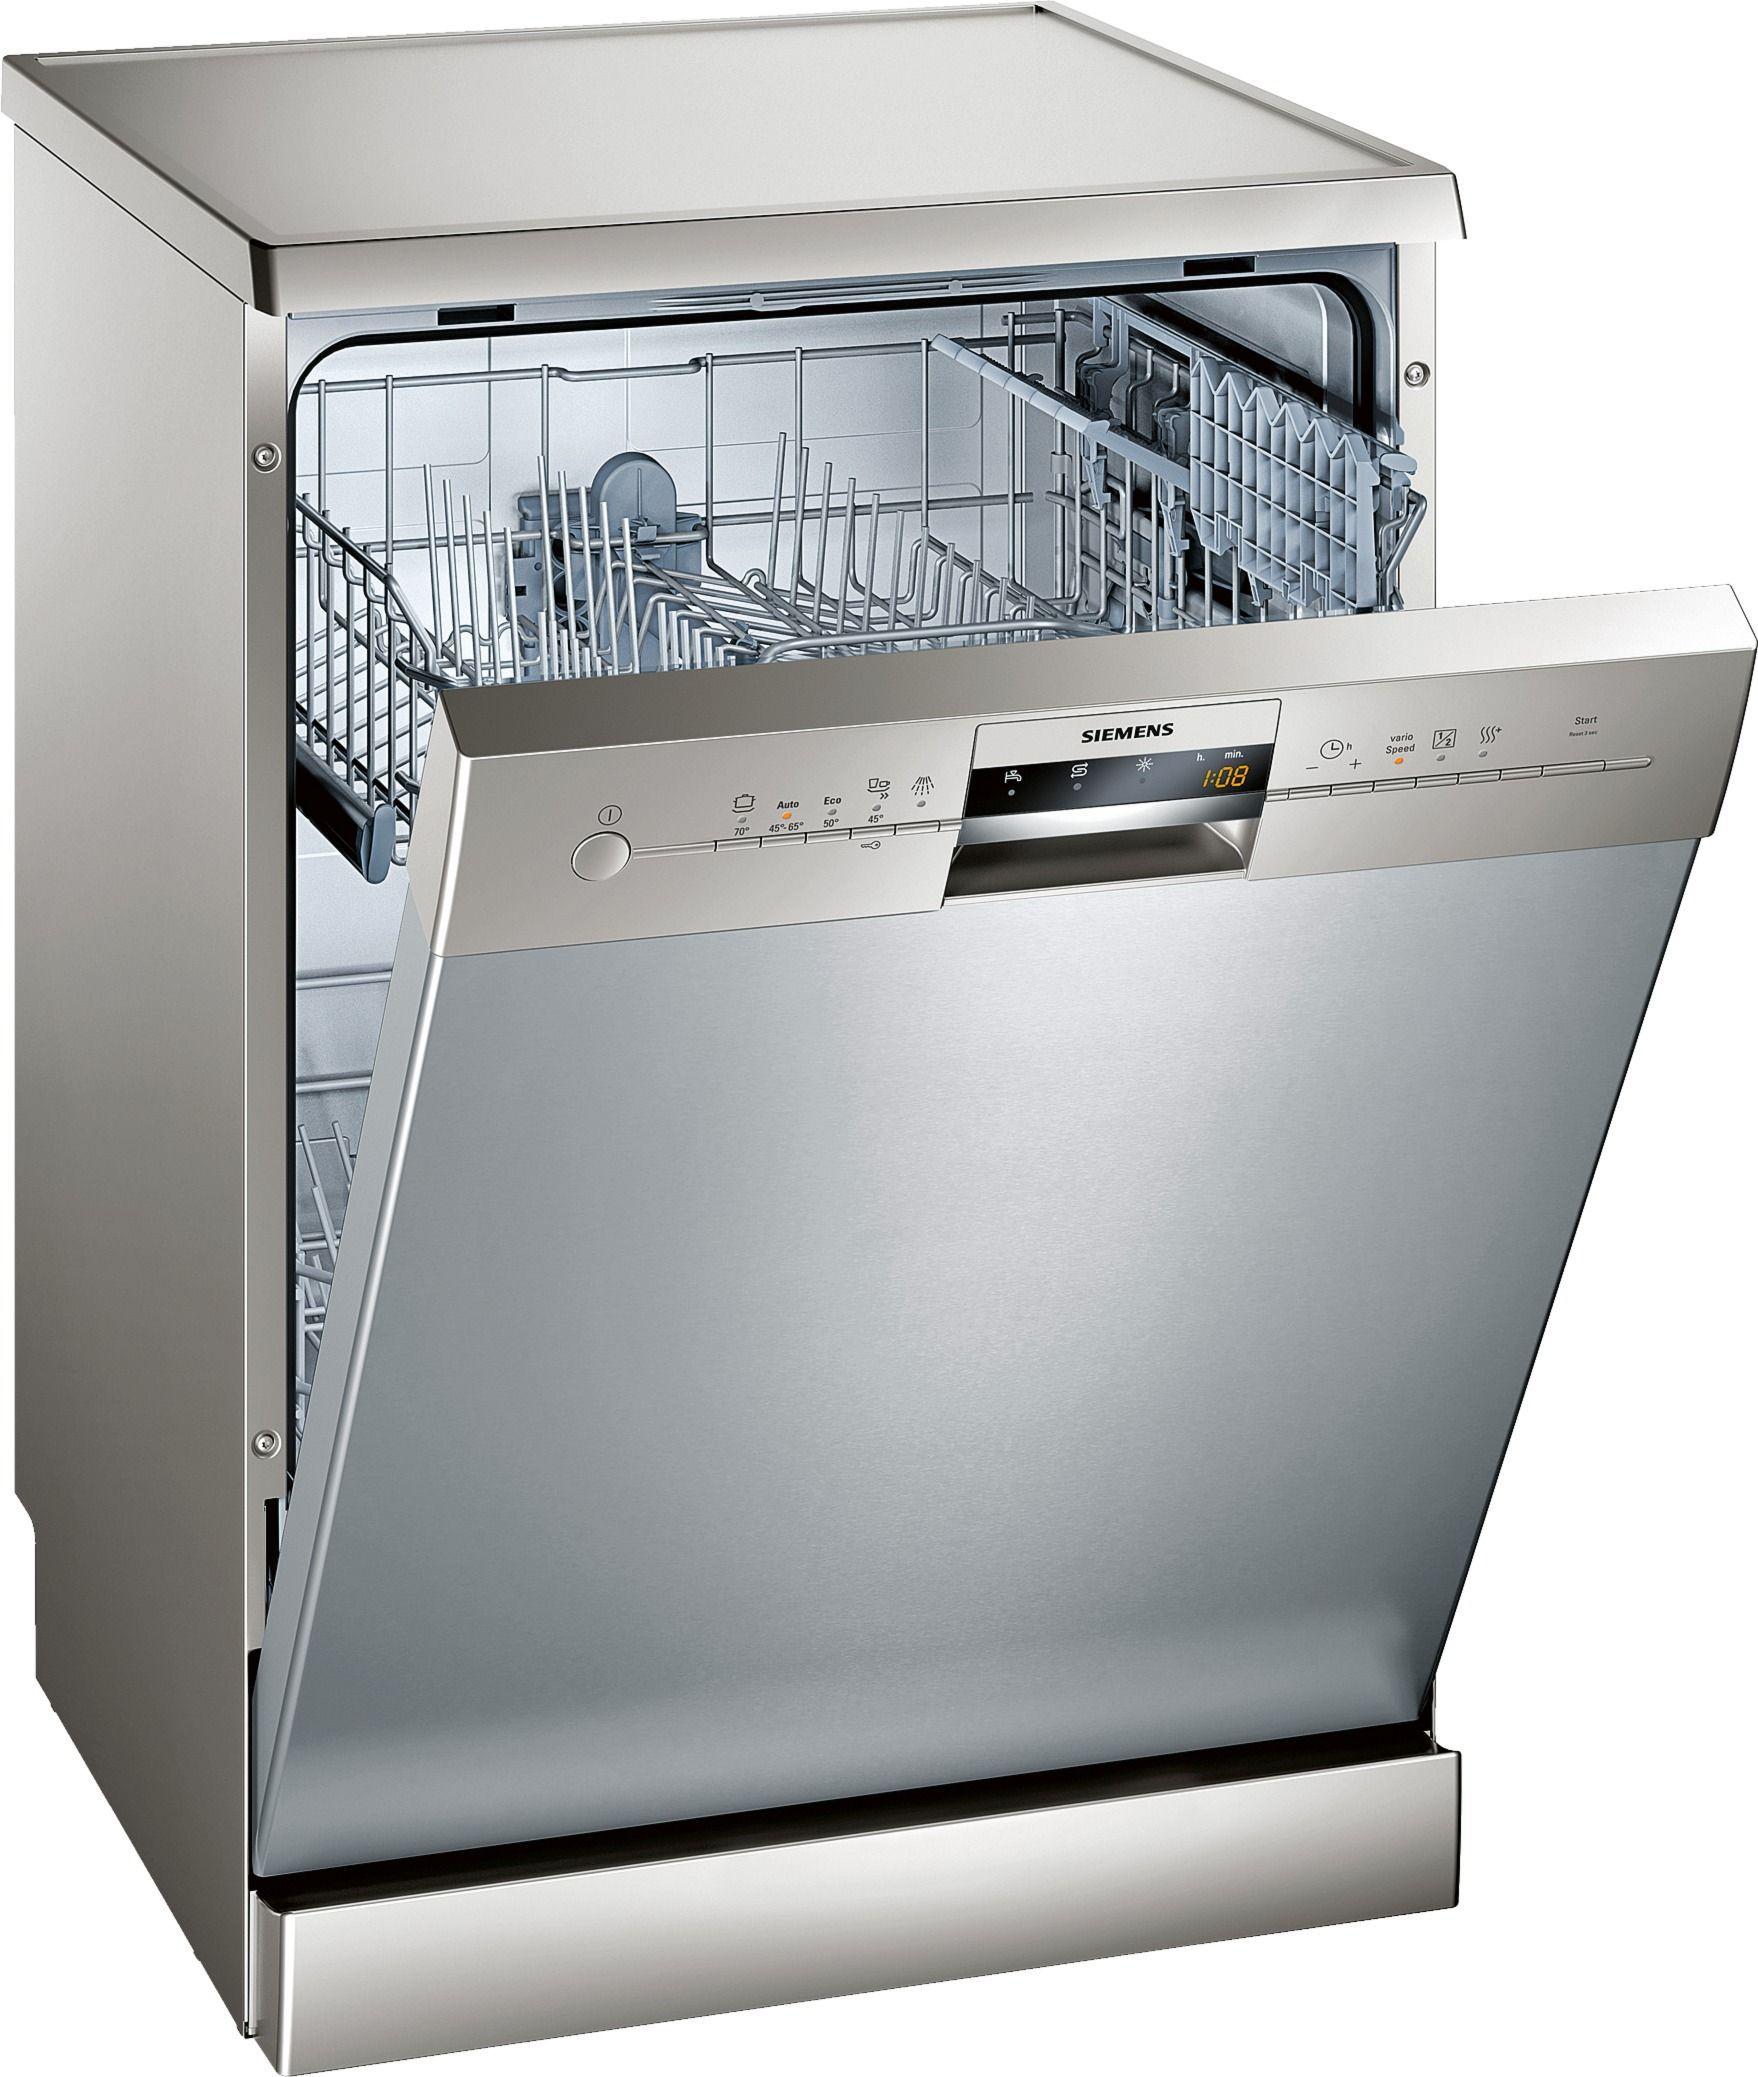 Siemens sn25l832eu lave vaisselle posable 12 couverts 44db a larg - Comment detartrer lave vaisselle ...